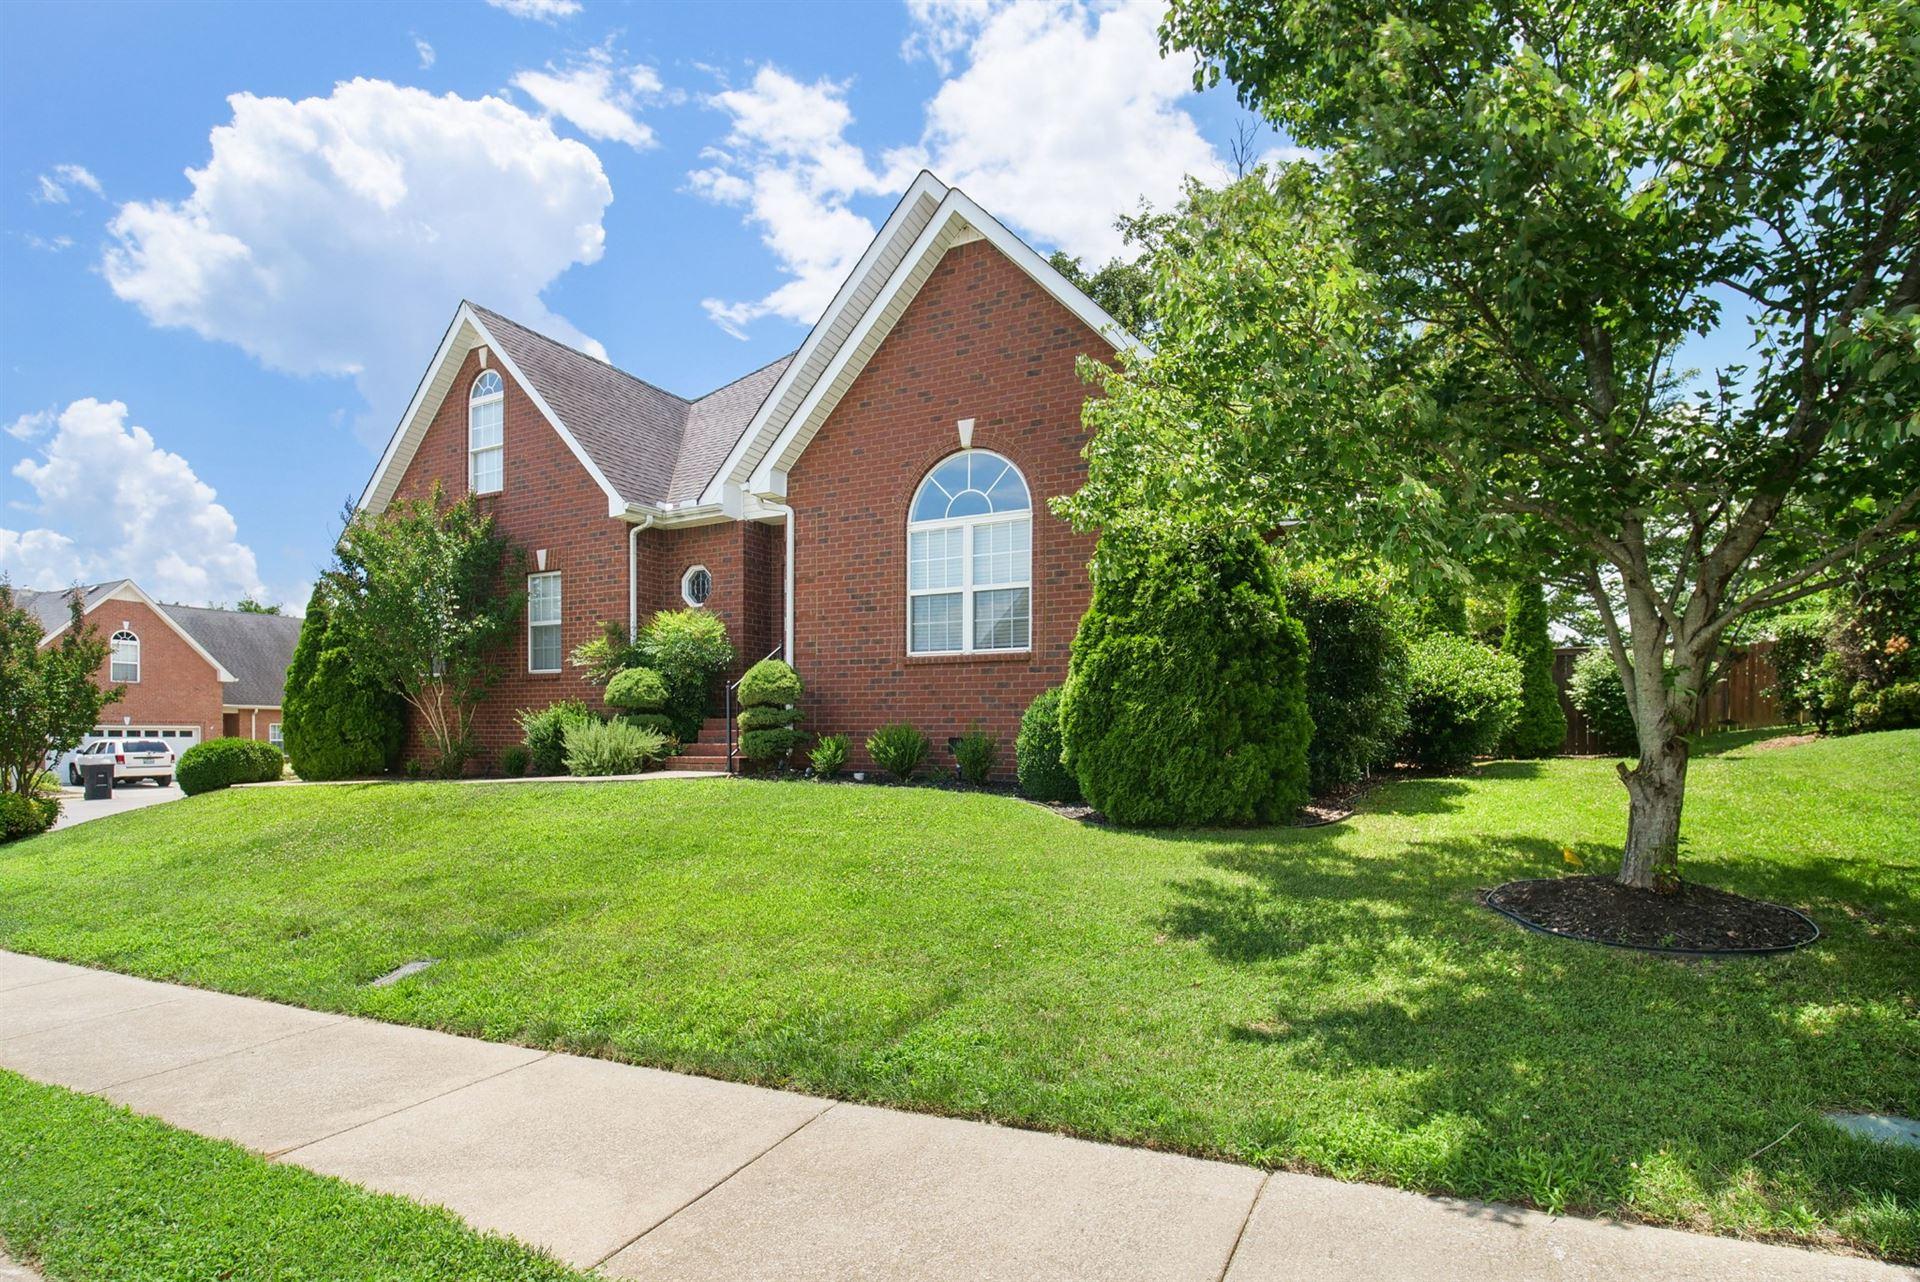 554 Bethany Cir, Murfreesboro, TN 37128 - MLS#: 2275706